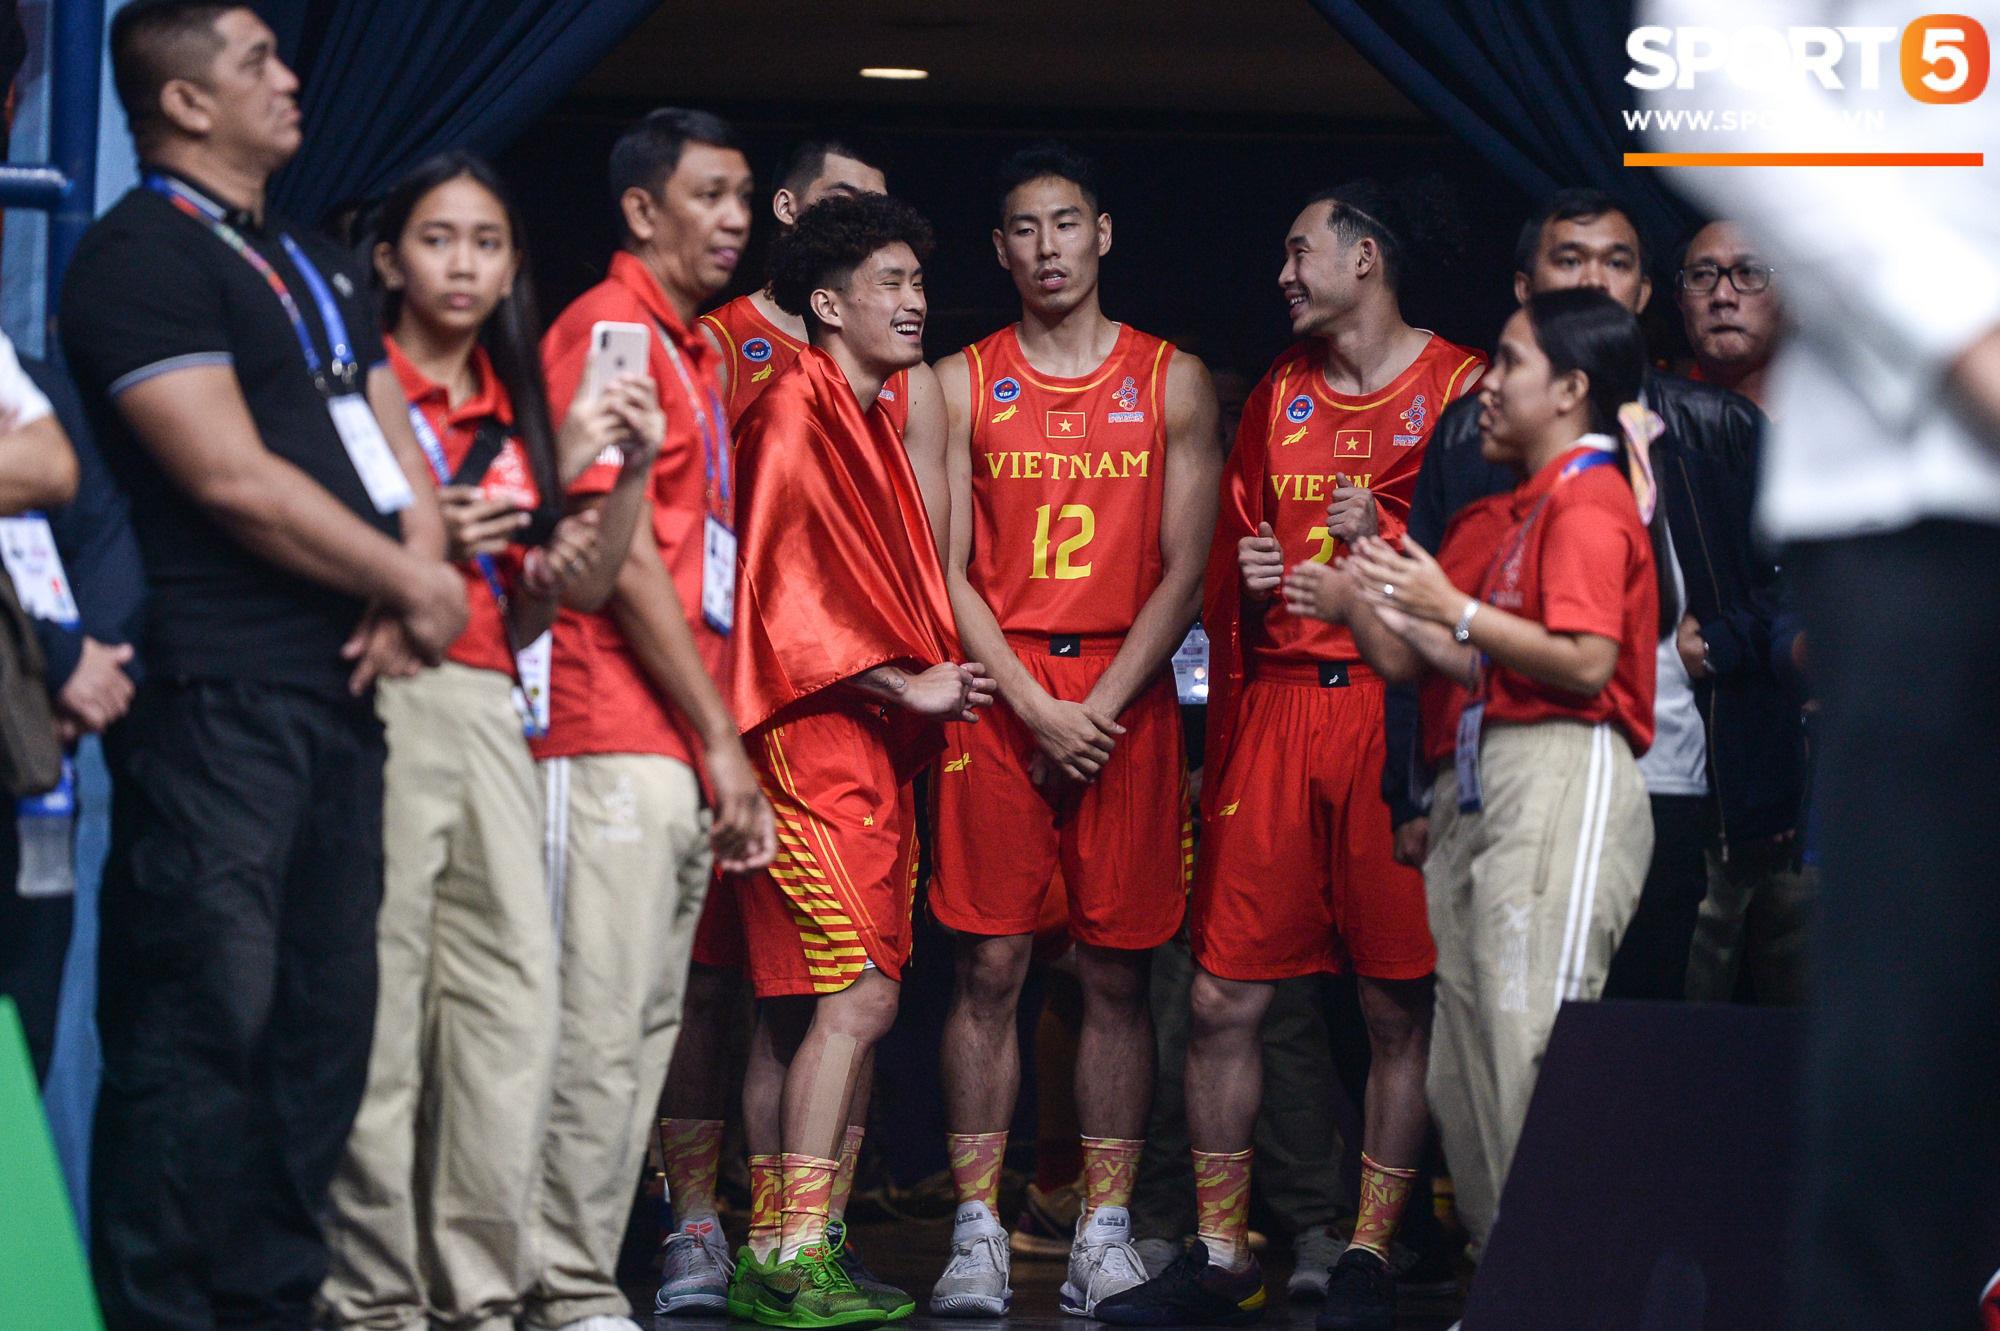 SEA Games 30 ngày 2/12: Thái Lan giúp tuyển nữ Việt Nam vào bán kết ở ngôi nhất bảng - Ảnh 6.